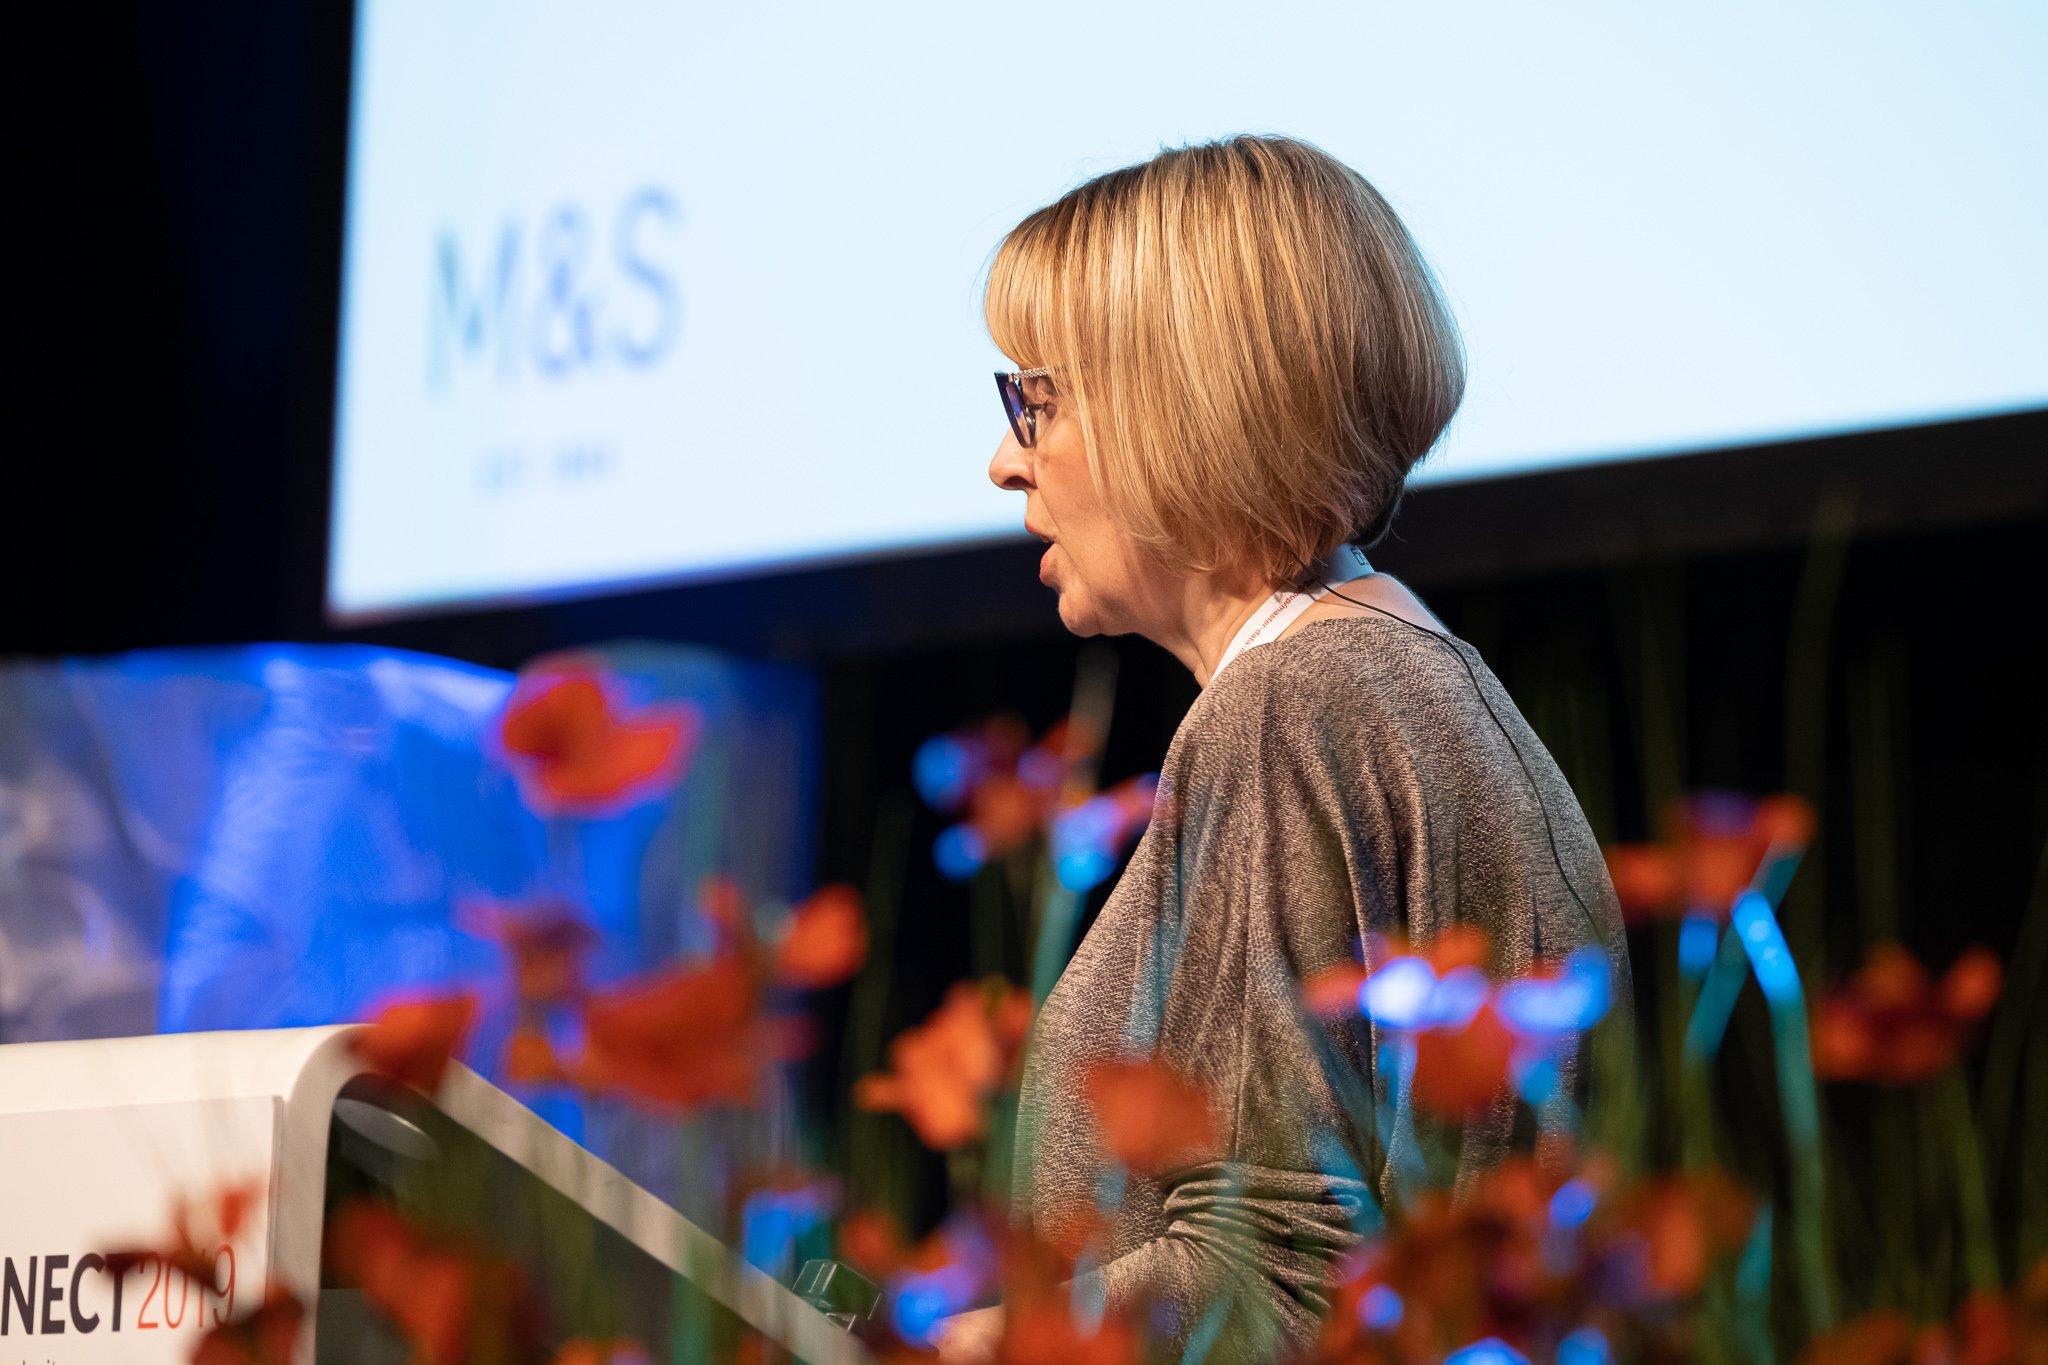 Rebecca Chamberlain from M&S